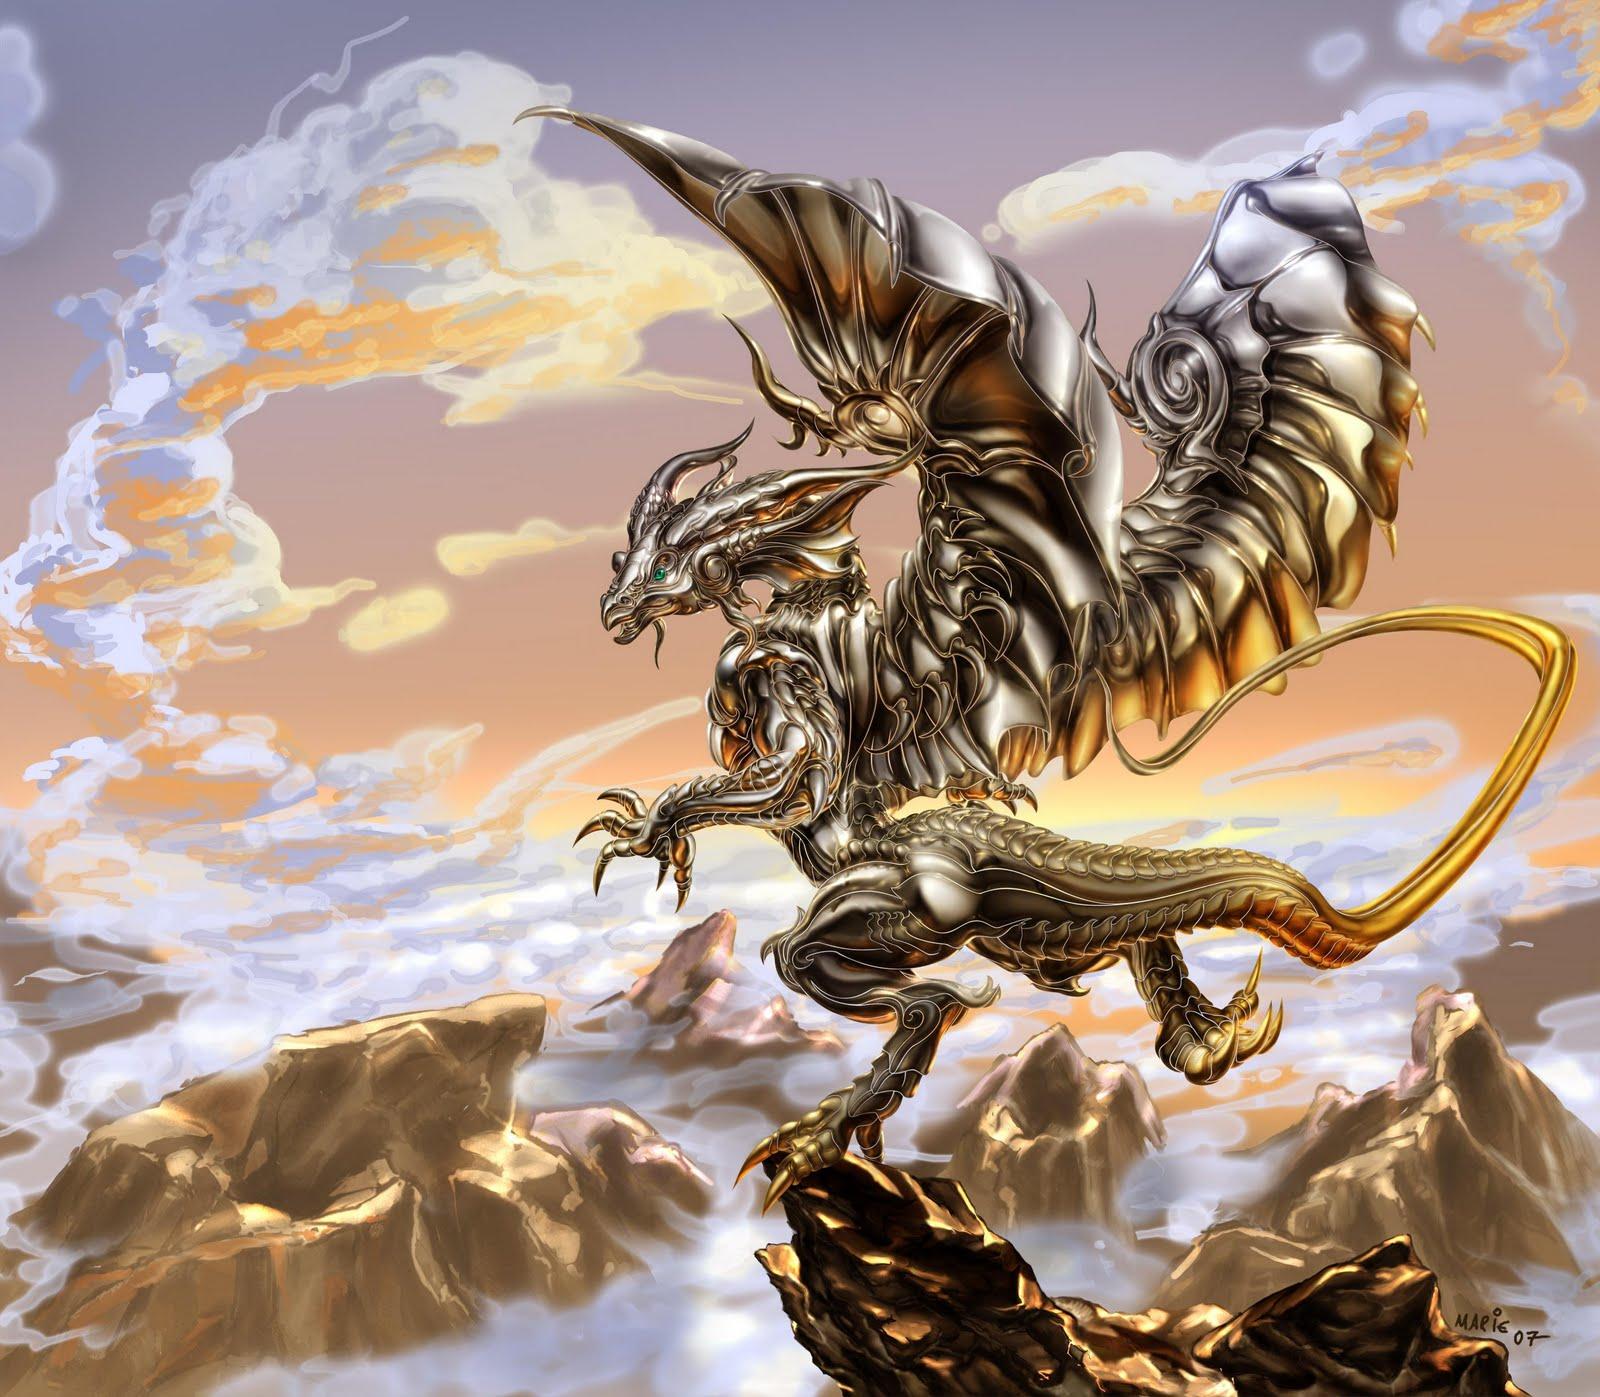 http://1.bp.blogspot.com/-Hk2QeaVL5Fs/TjWMKIGwEjI/AAAAAAAAAFU/6Zq_MD4plVw/s1600/dragon+76439.jpg